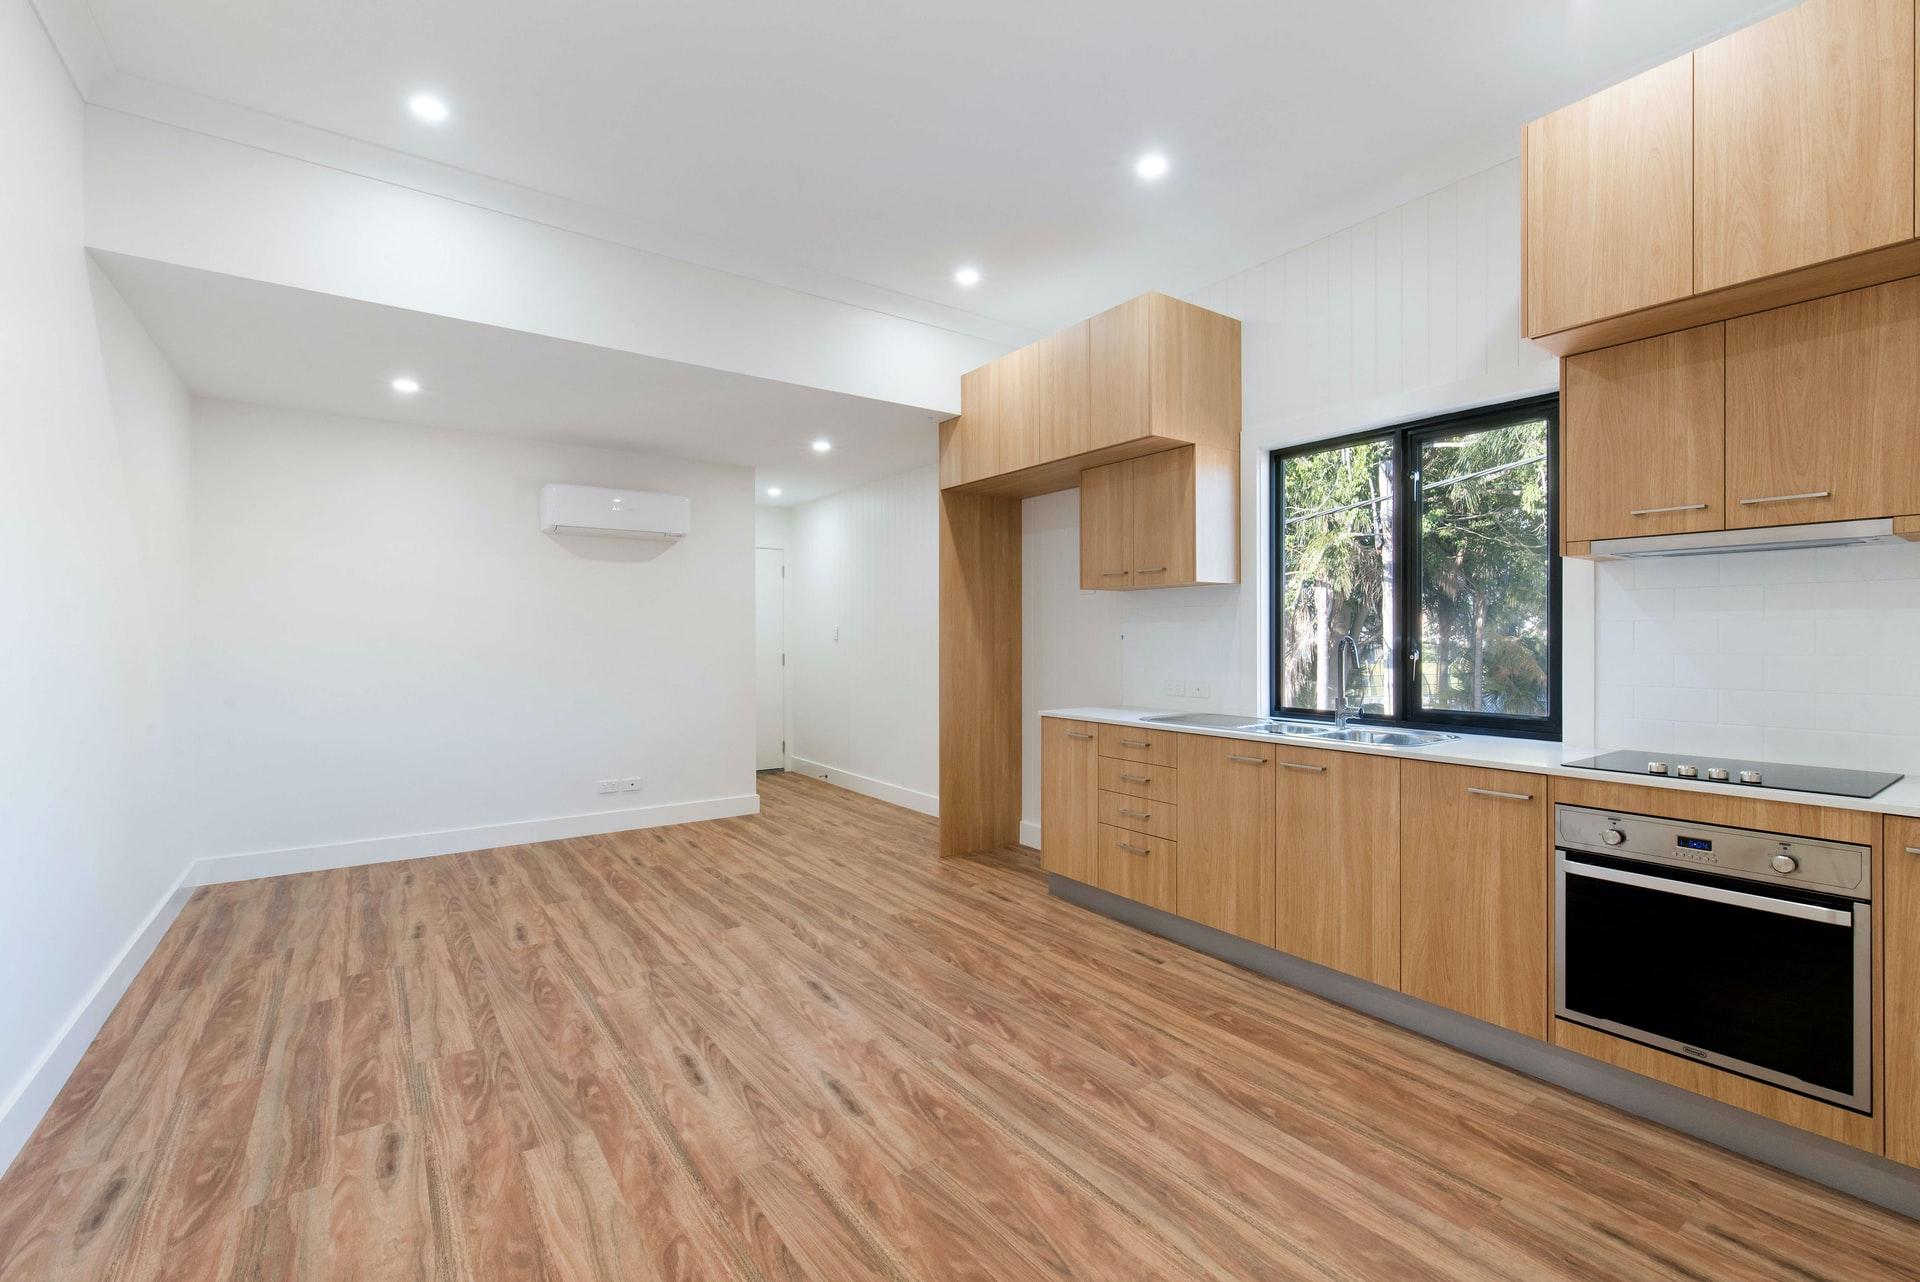 Kan du selv sælge din bolig?